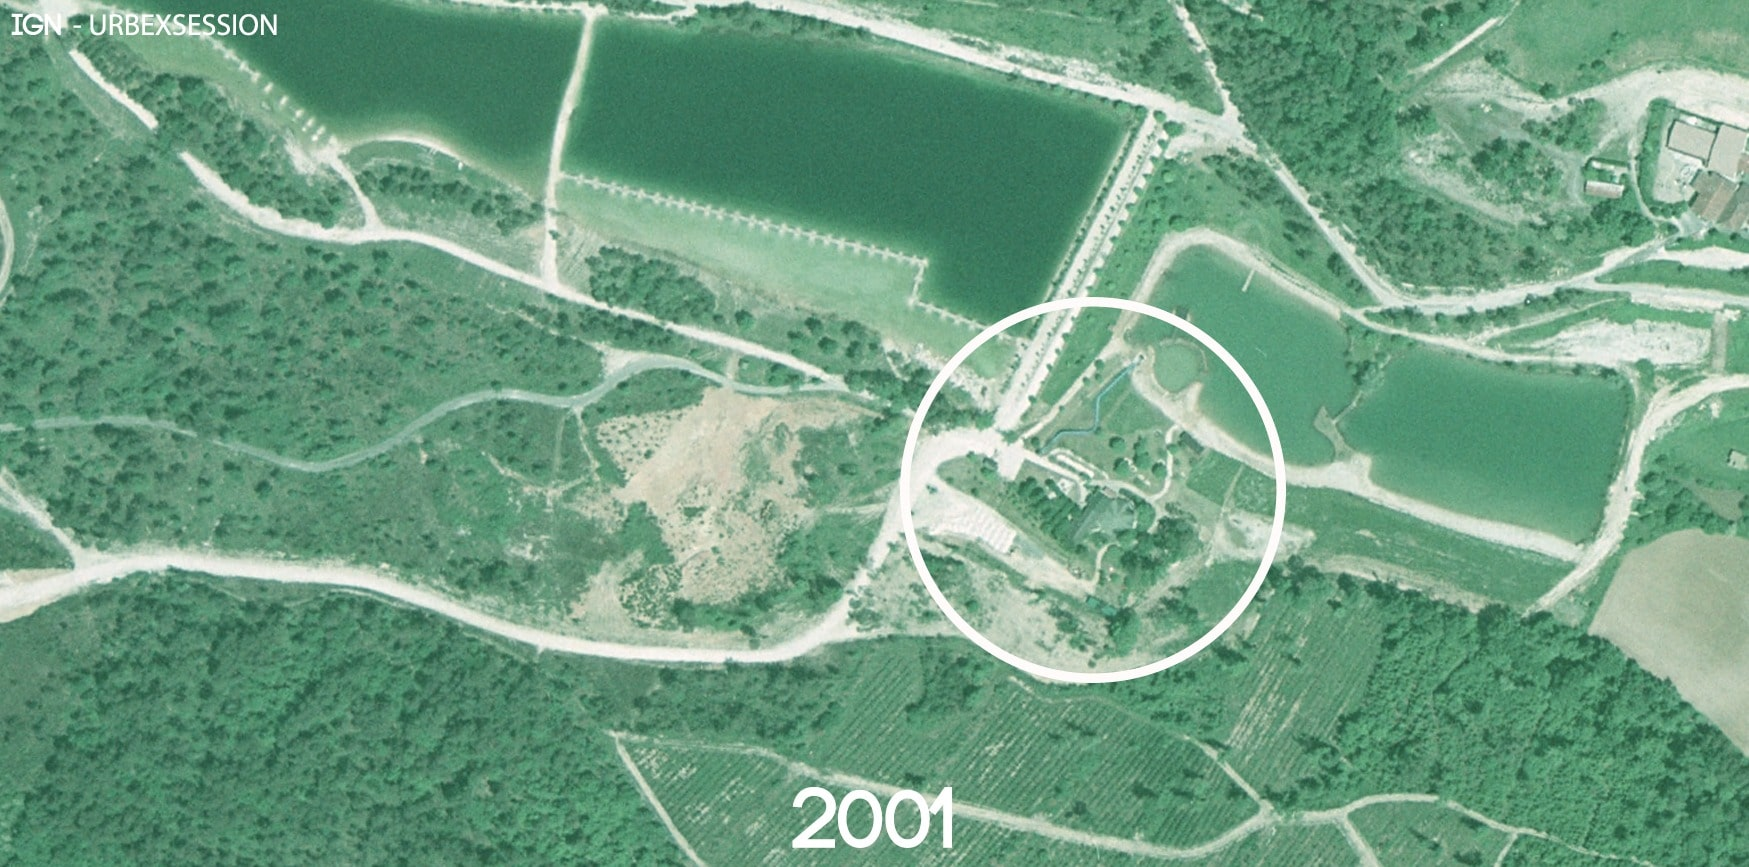 la-guinguette-map-2001